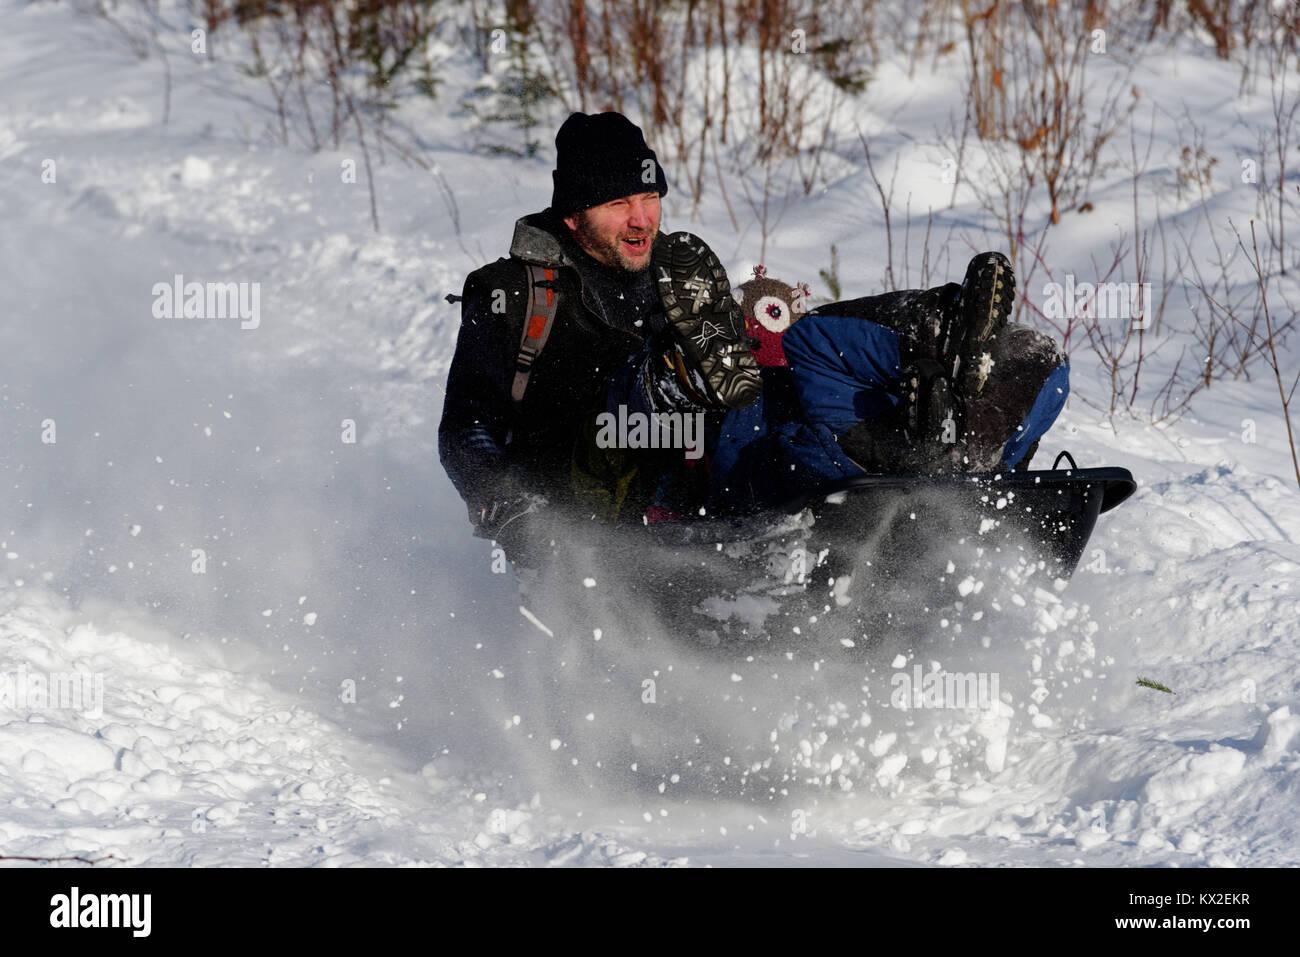 Un hombre en un trineo haciendo un montón de nieve polvo como él trineos a través de la nieve fresca Imagen De Stock